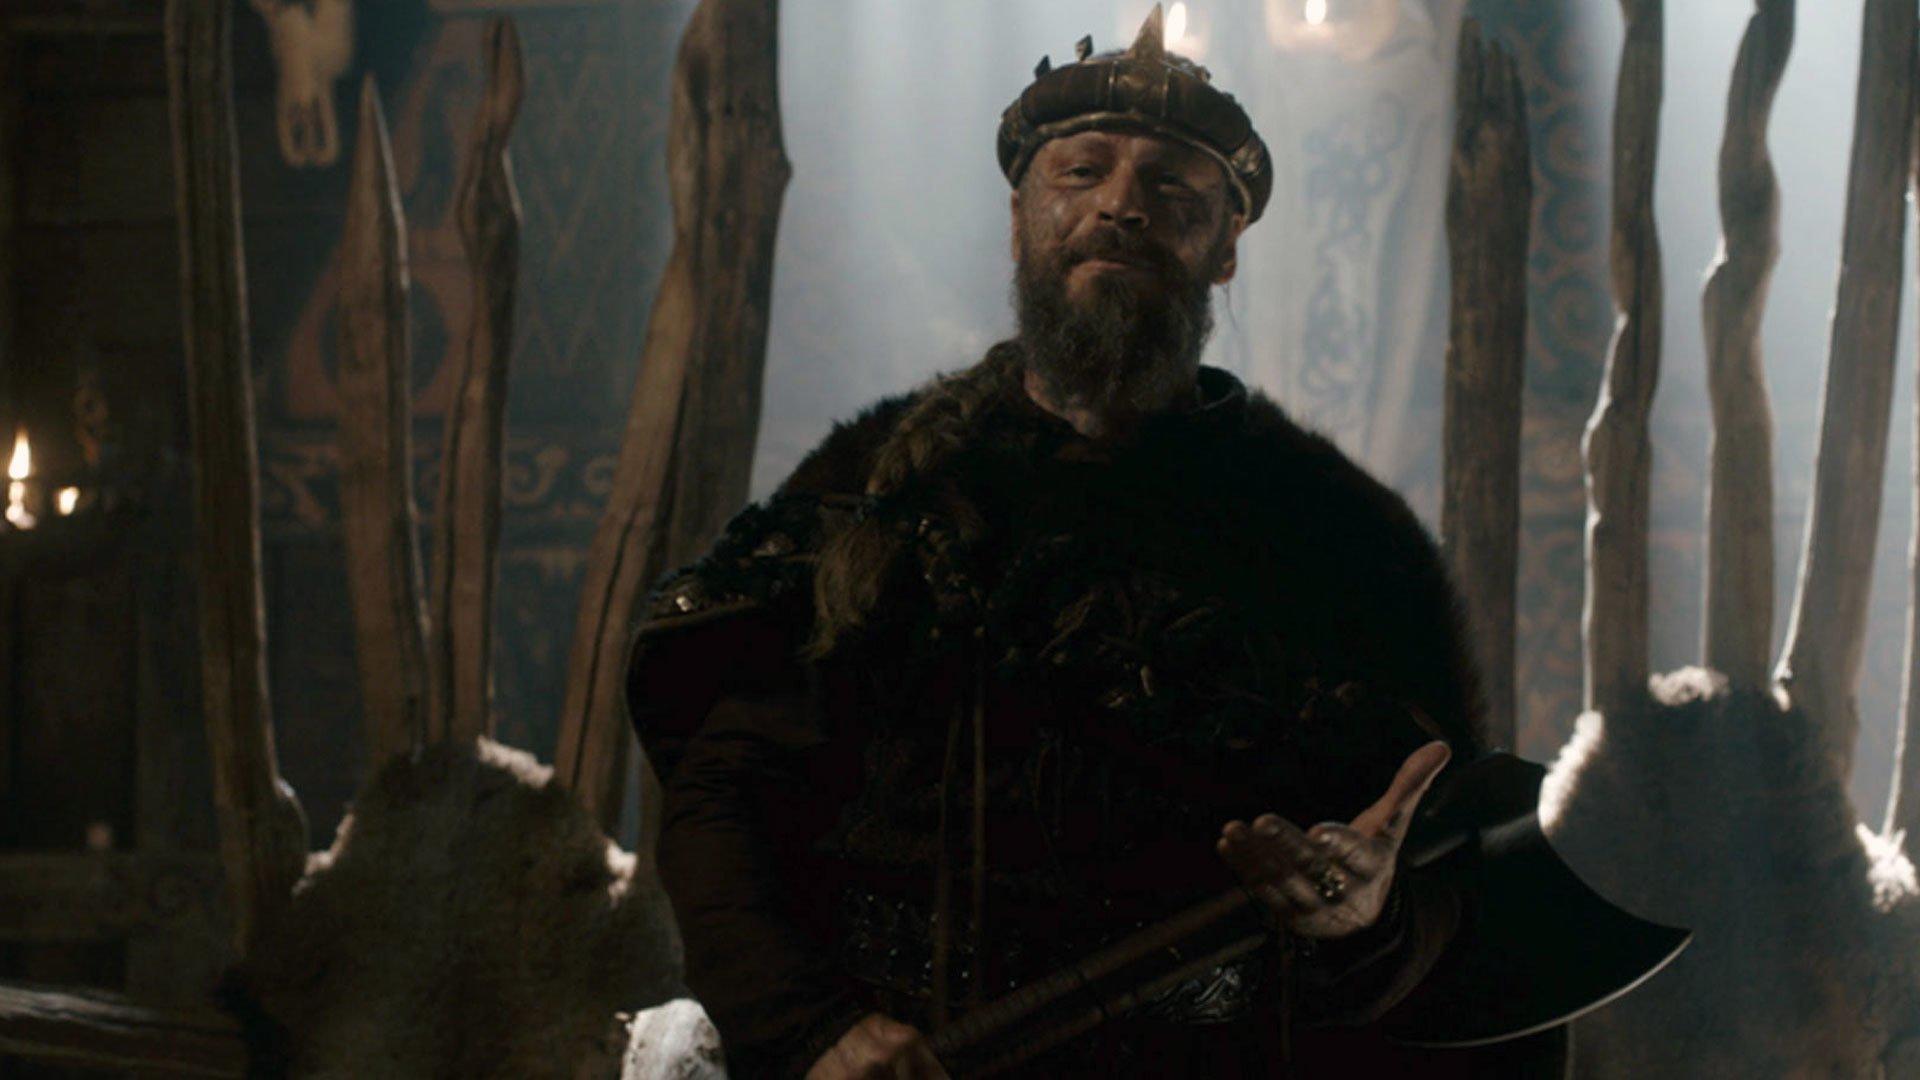 Vikings (S05E09): A Simple Story Summary - Season 5 Episode